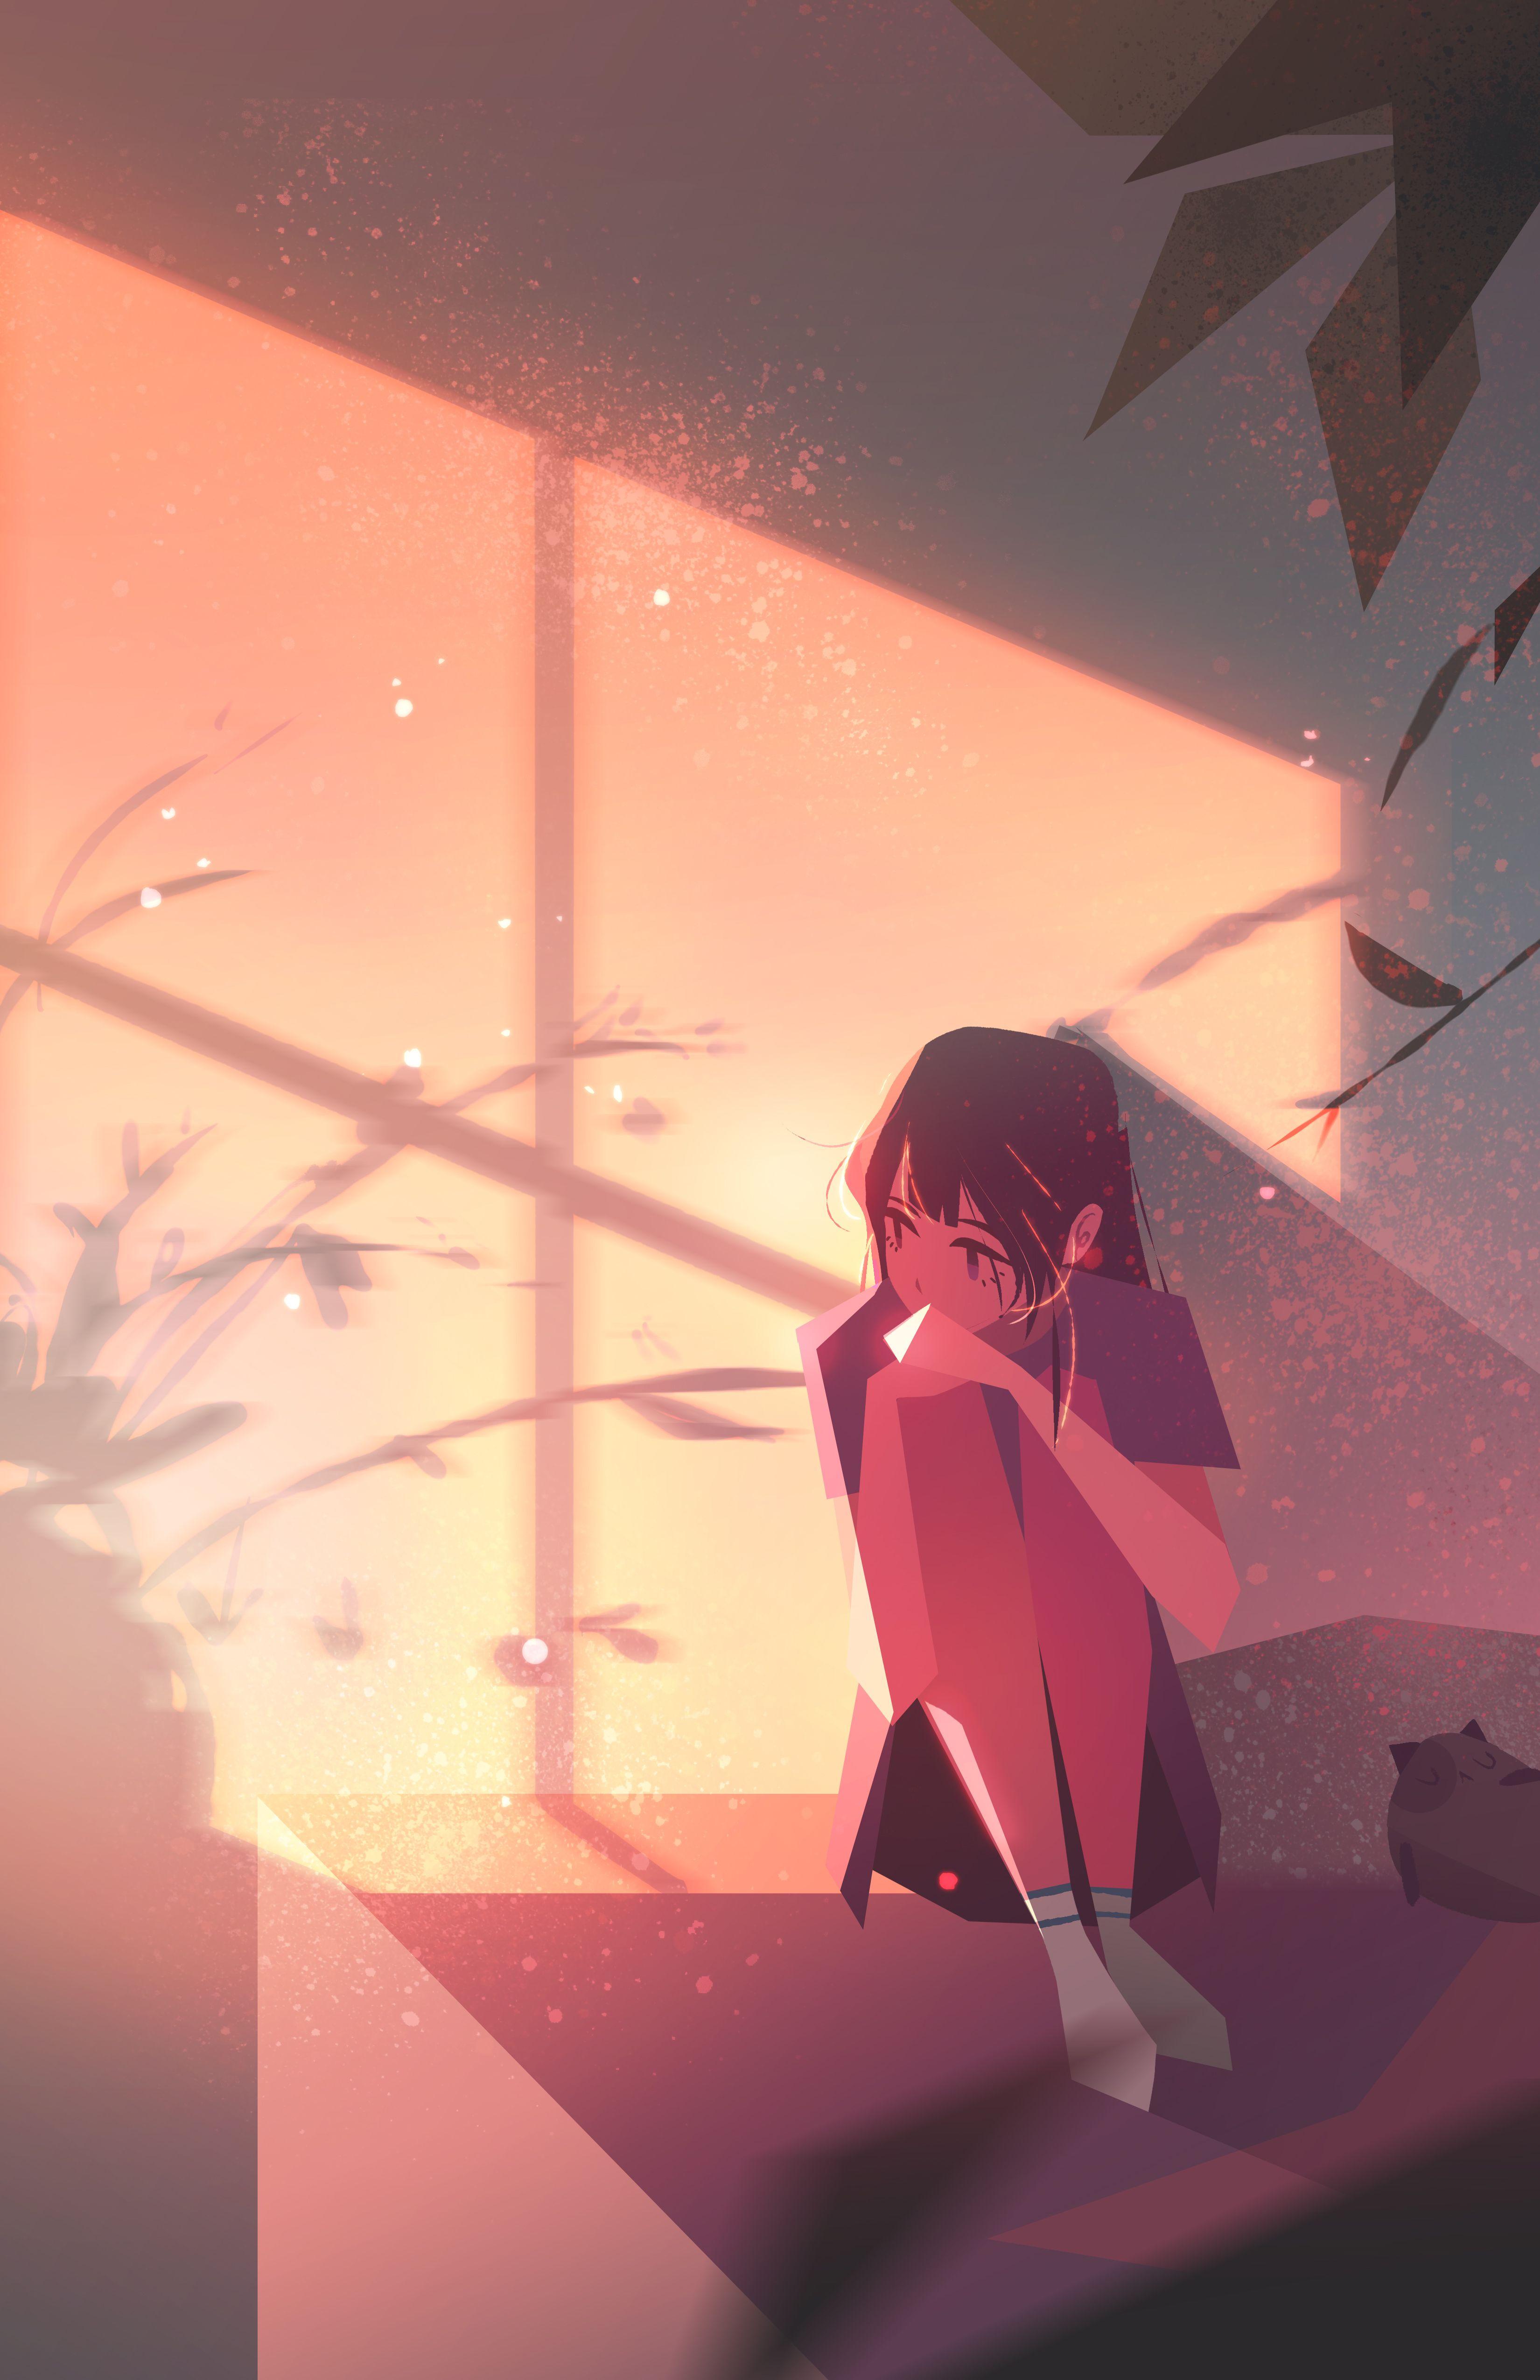 Morning Anime Art Girl Anime Art Anime Artwork